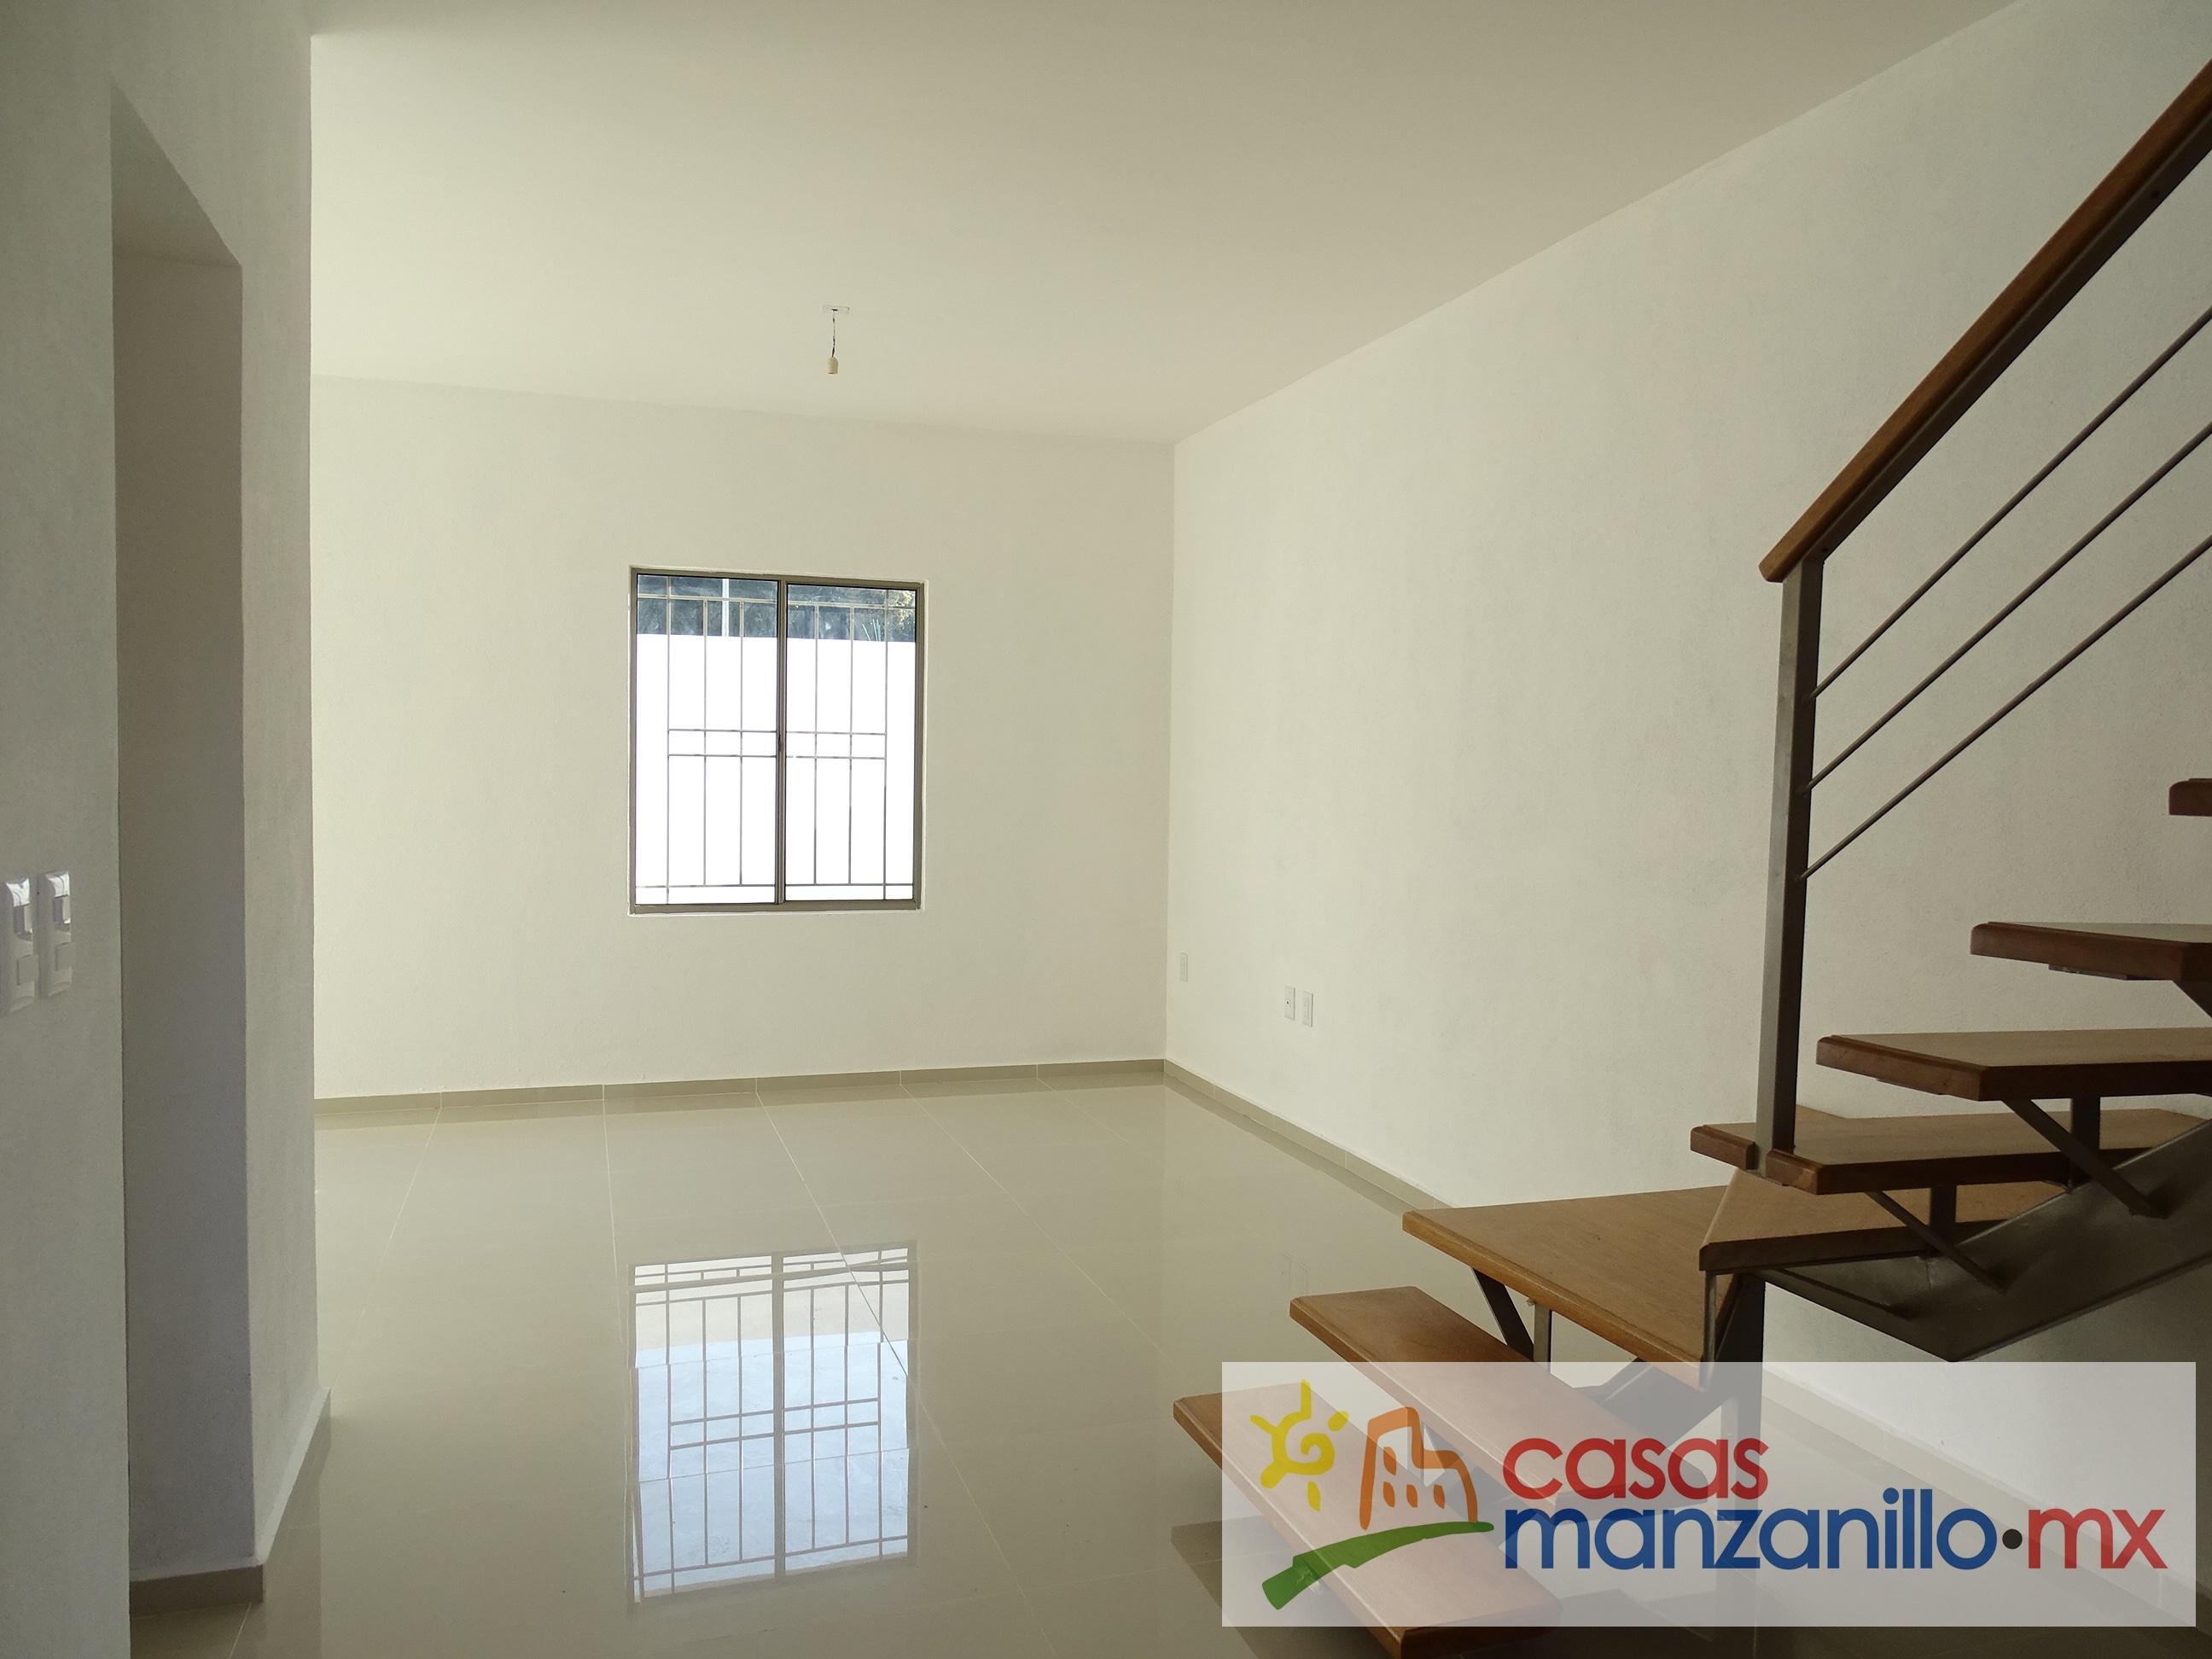 Casas Venta Manzanillo - Los Altos (5)